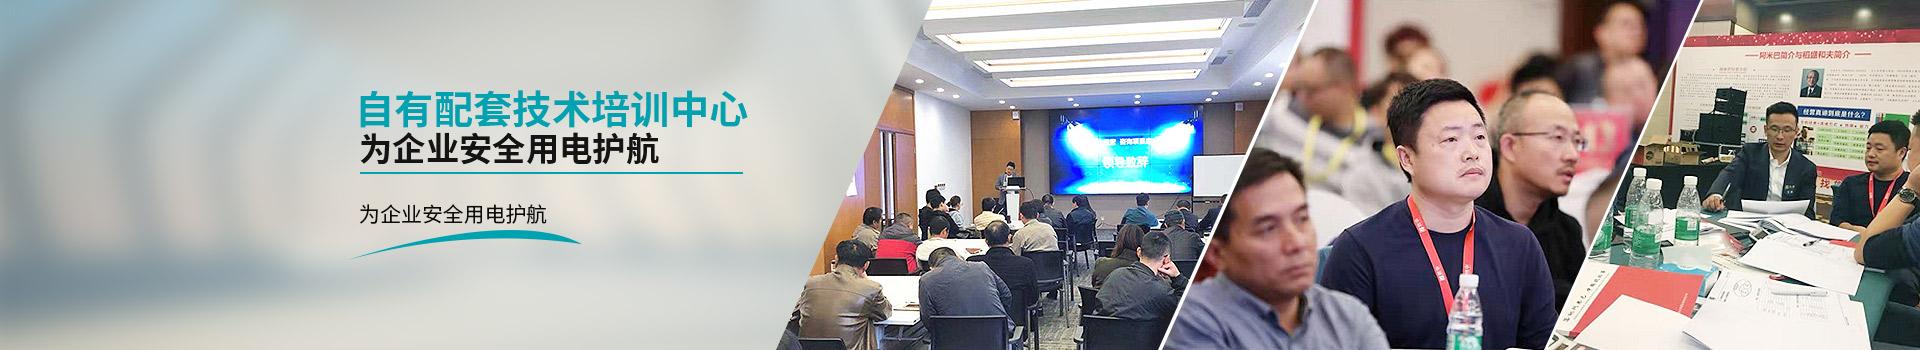 电百达自有200人服务团队及配套技术培训中心 为企业安全用电护航